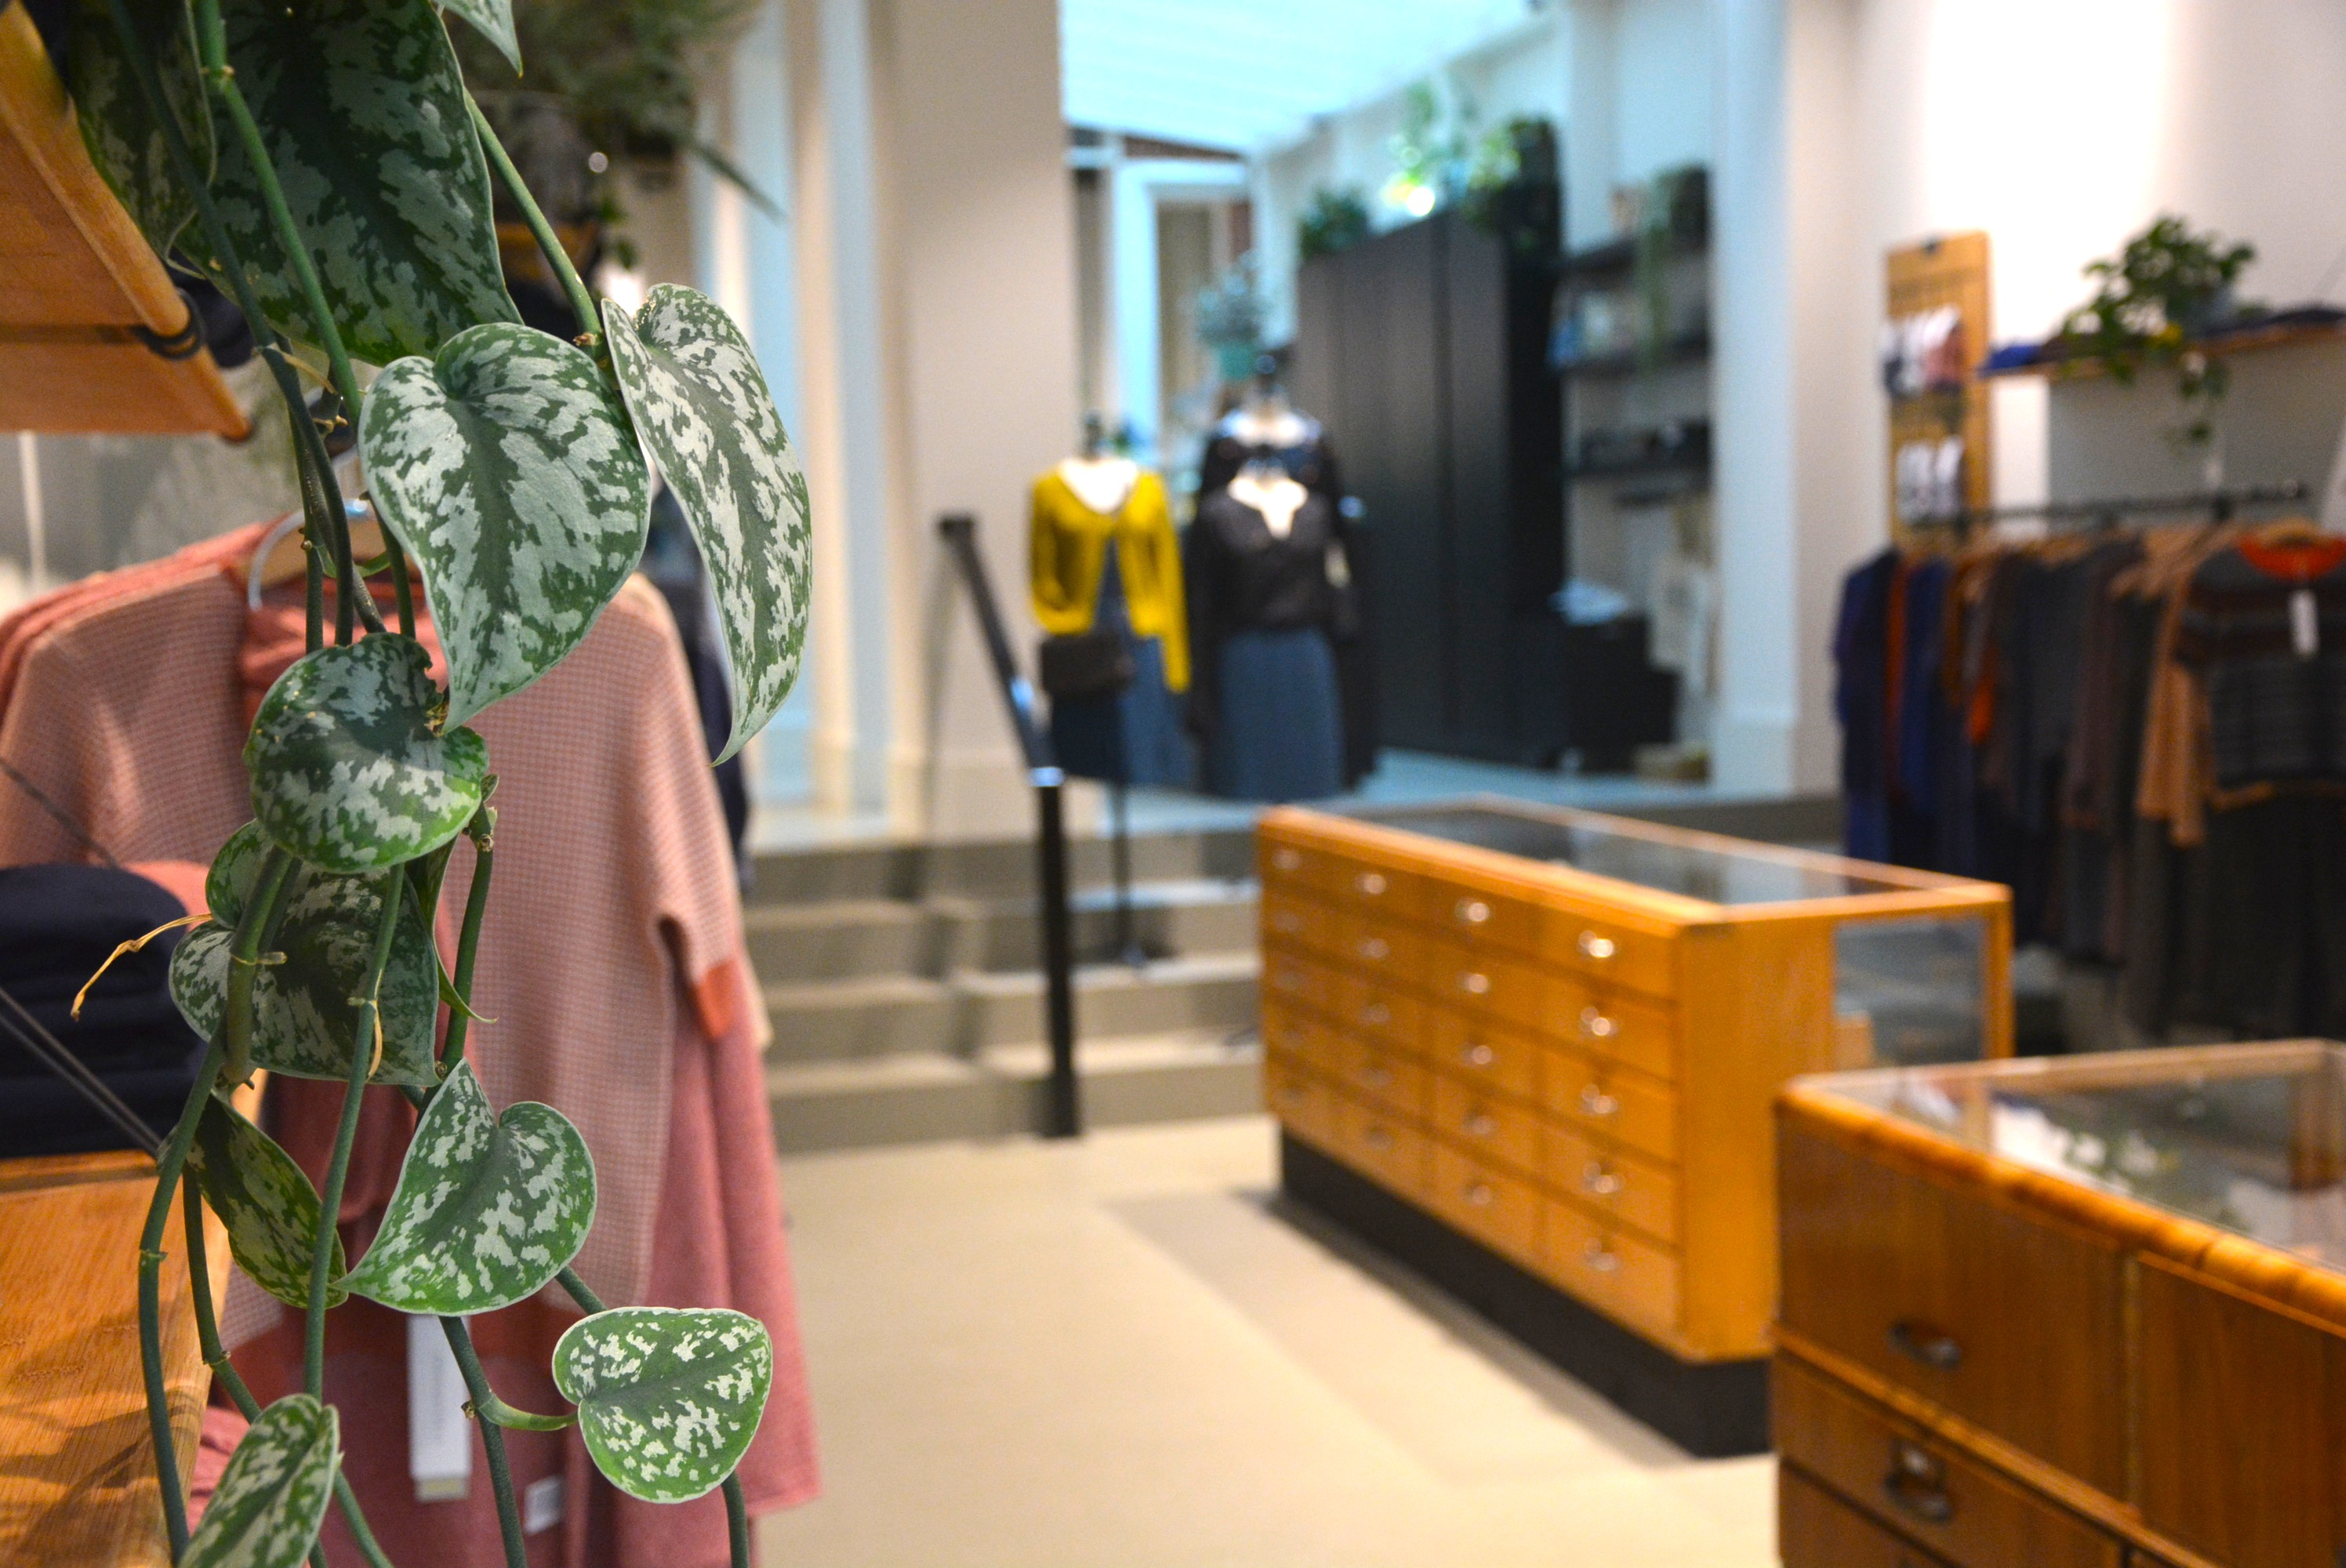 6 x duurzaam shoppen in Antwerpen – nom eat